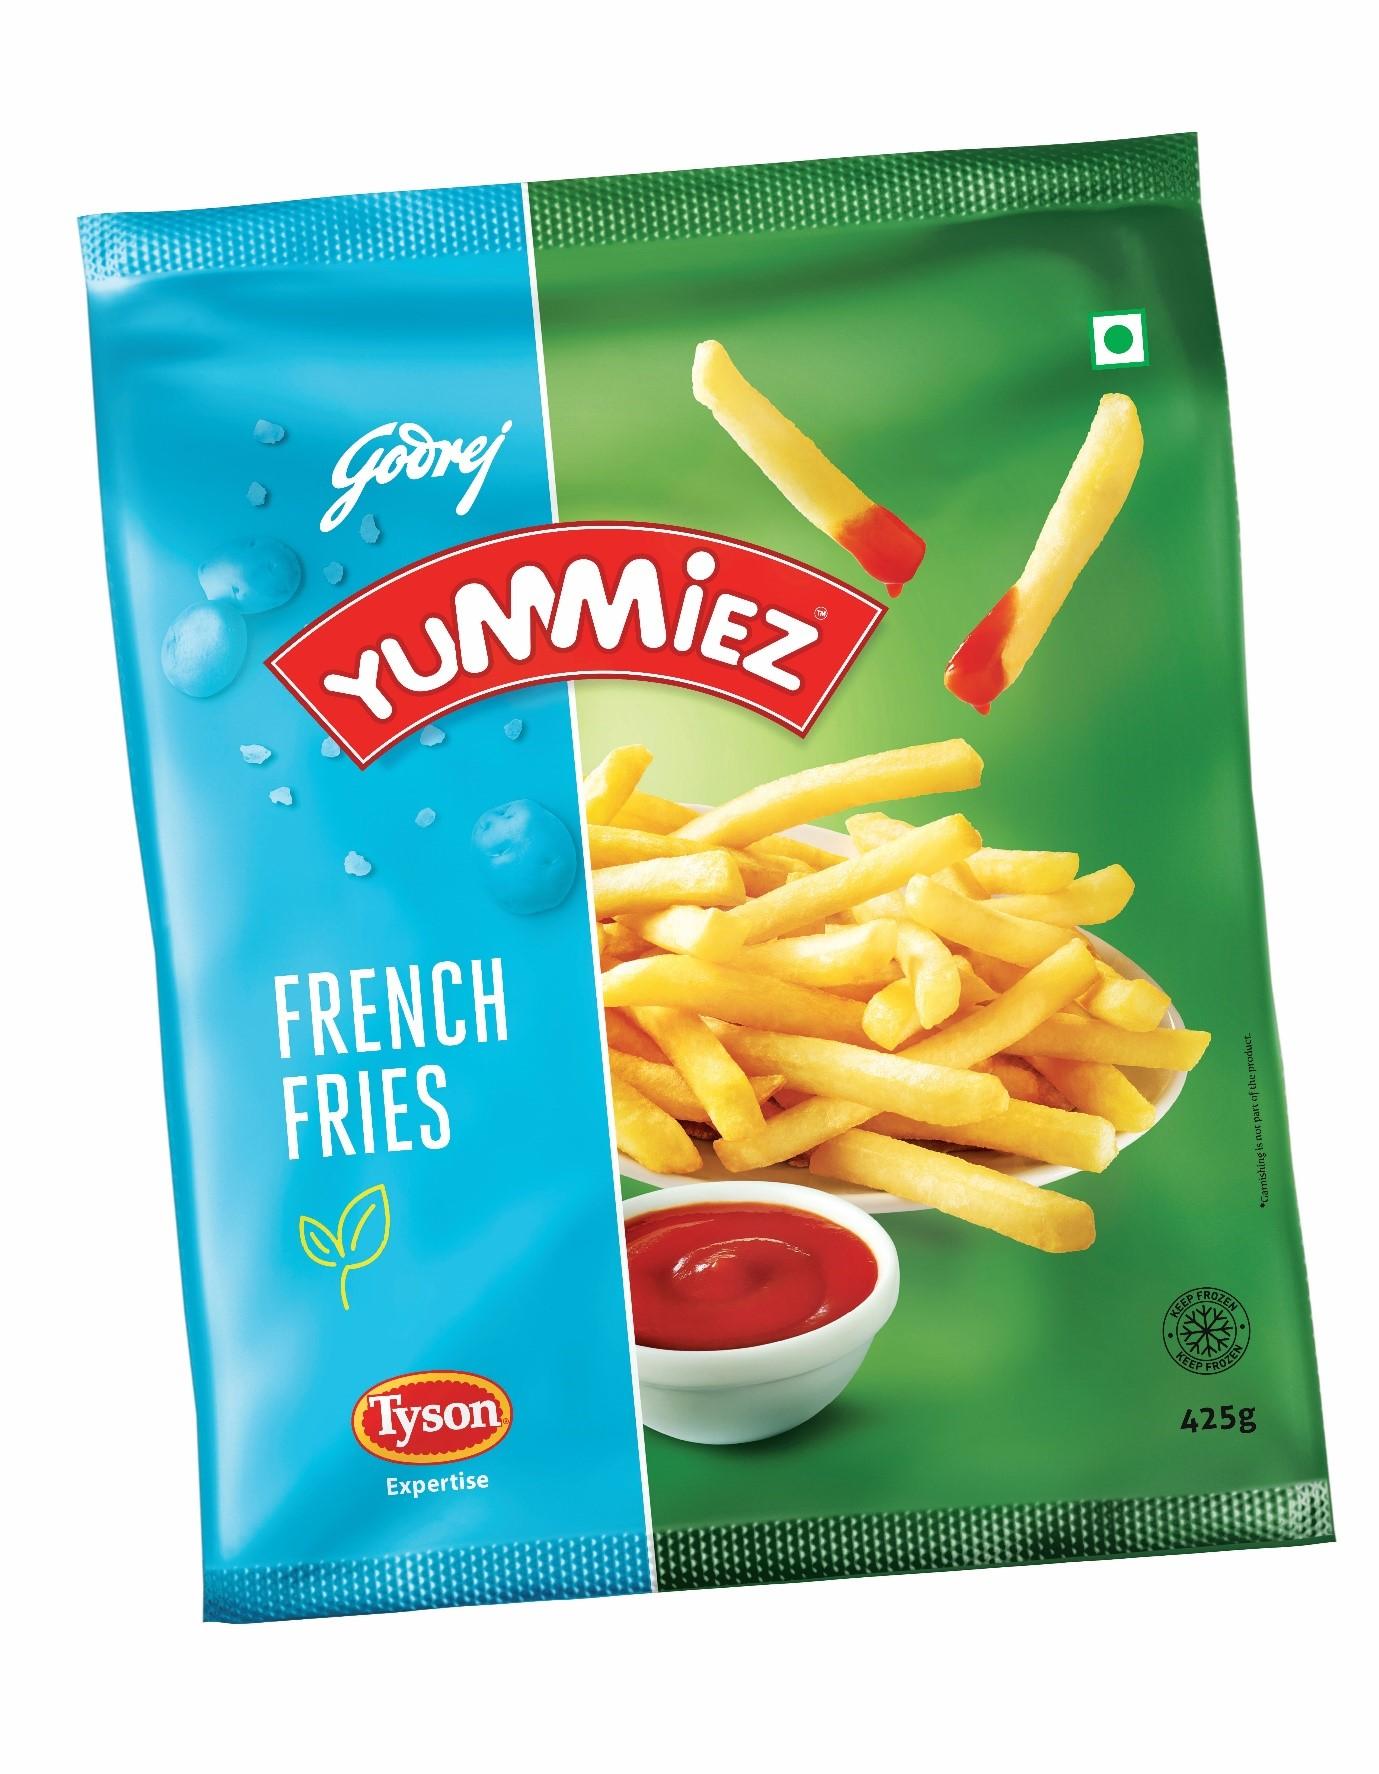 Yummiez French Fries 425 g